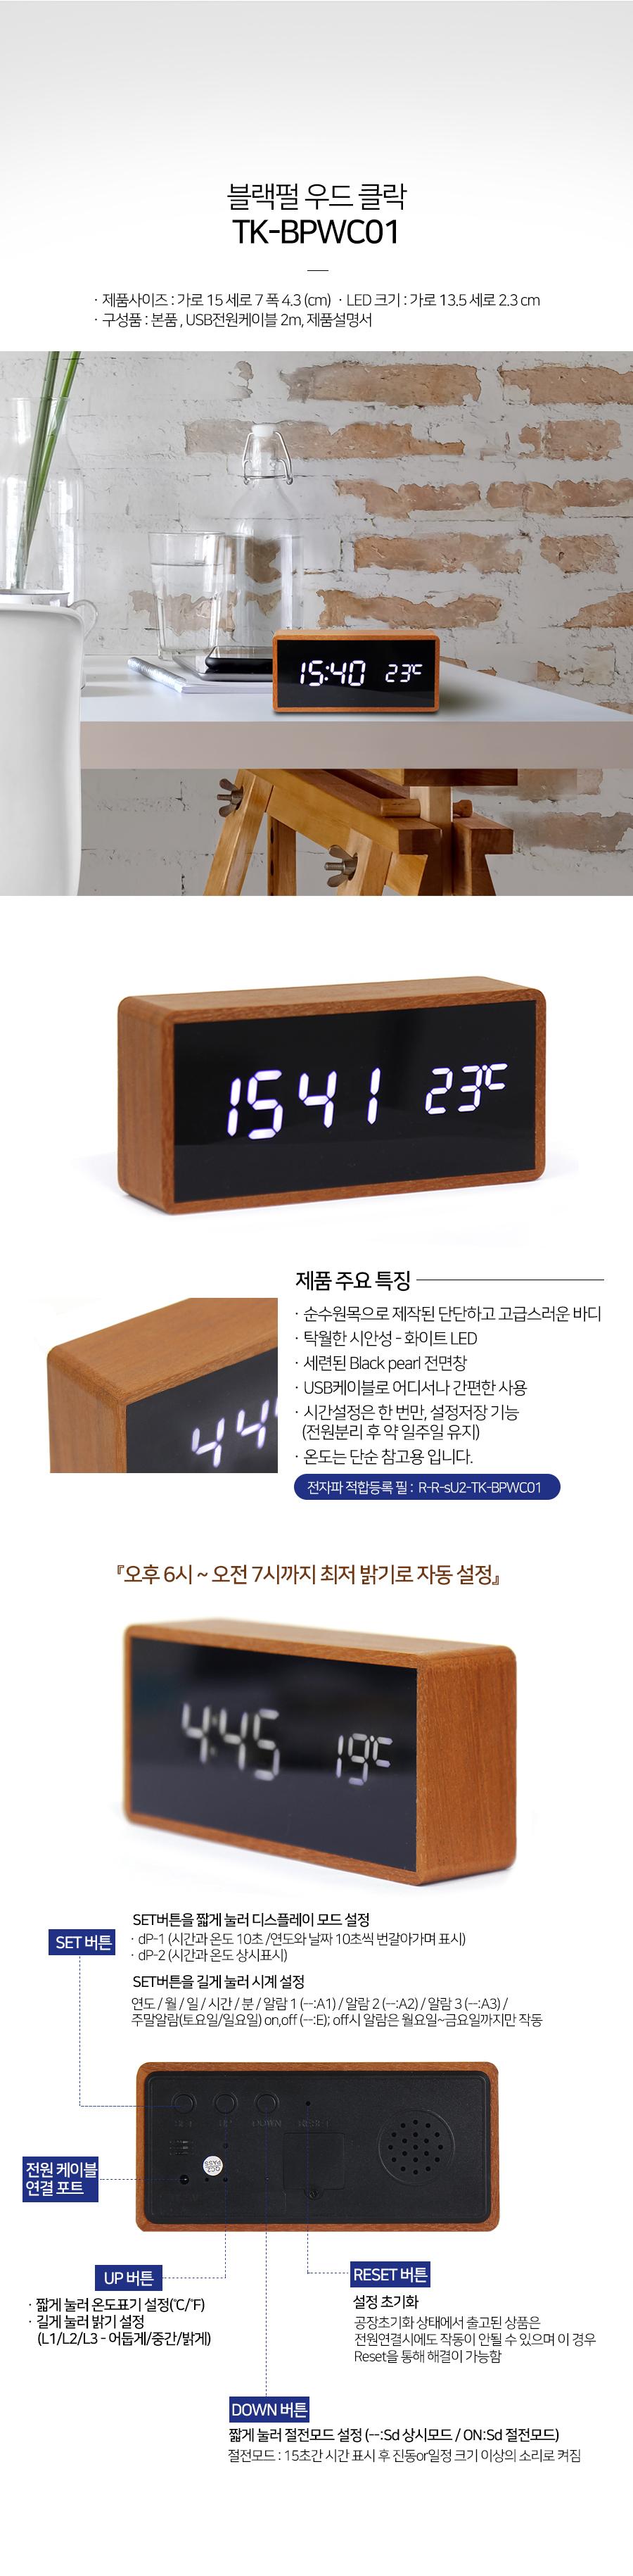 텐교 천연원목 블랙펄 우드클락 TK-BPWC01 - 텐교, 20,500원, 알람/탁상시계, LED/디지털시계